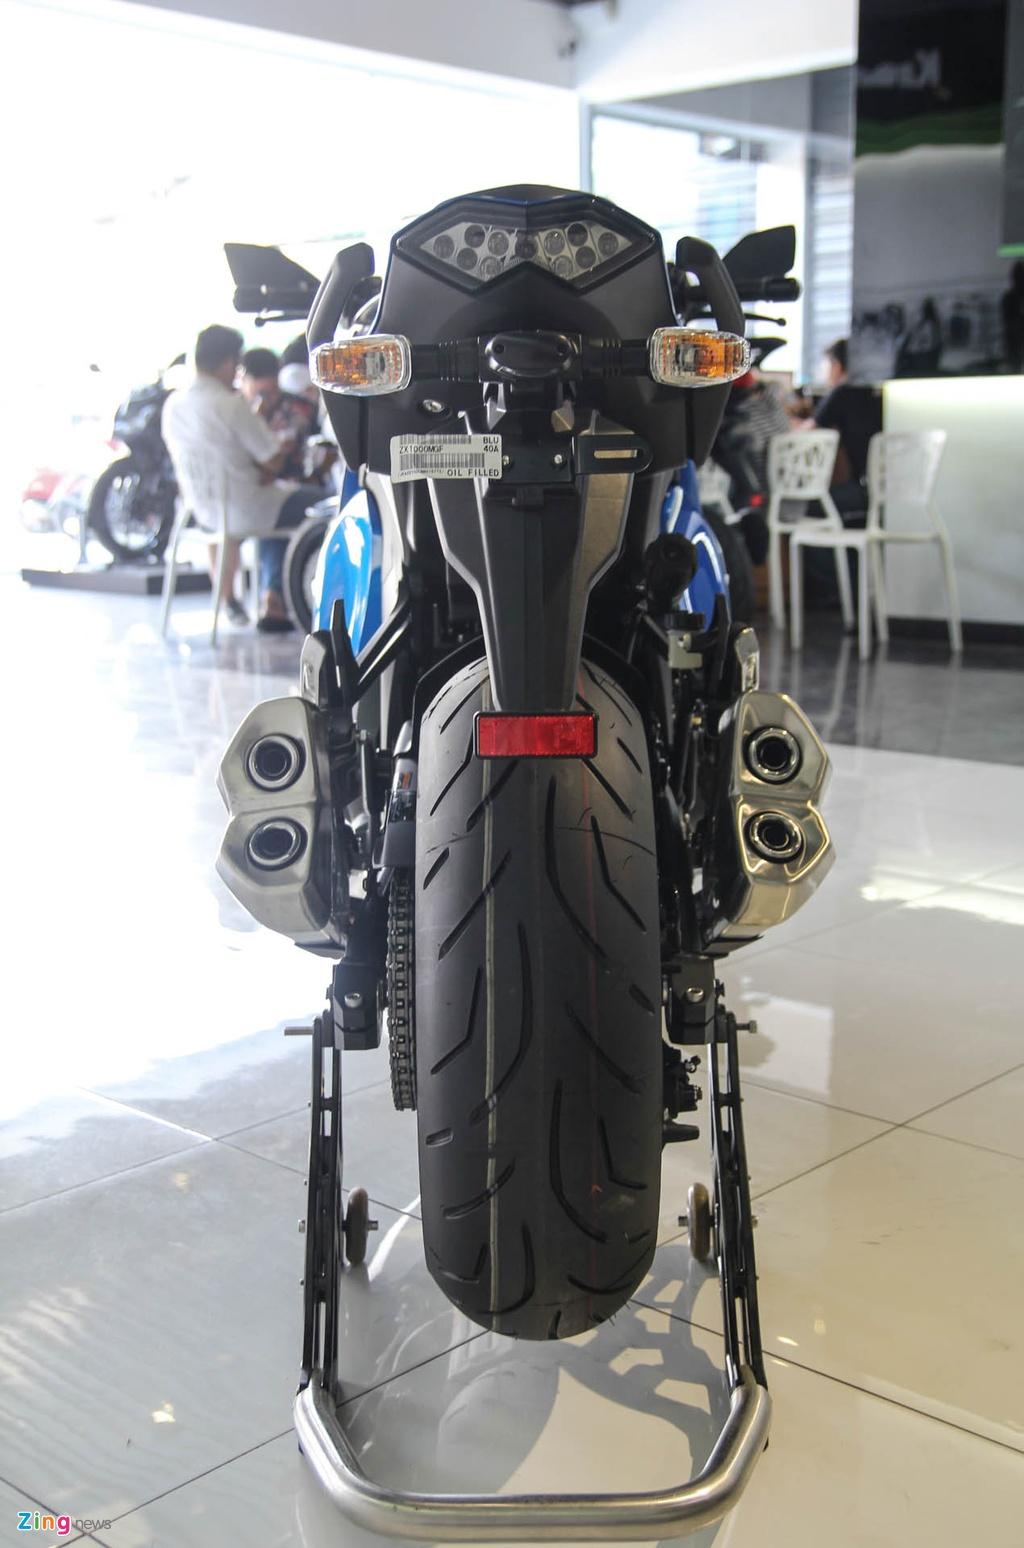 Kawasaki Z1000SX - phien ban duong truong cua Z1000 ve VN hinh anh 4